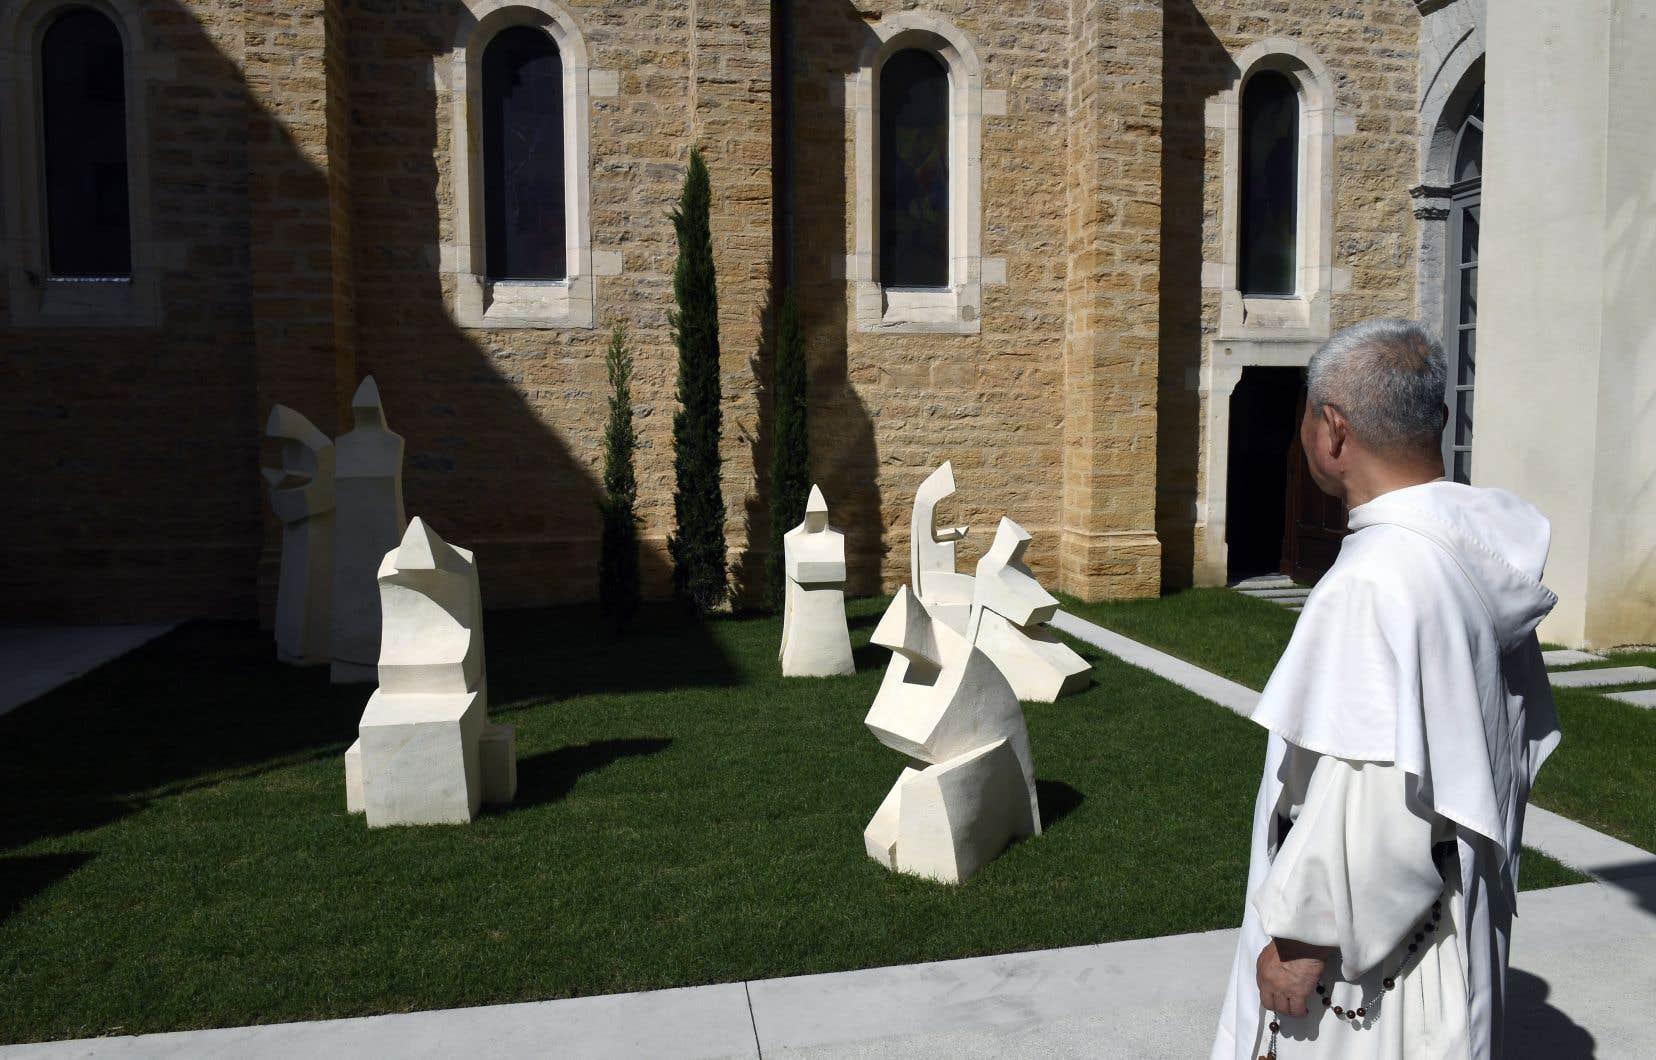 Sept statues de pierre ont été disposées dans le jardin du Diocèse de Lyon, en France, en mémoire des moines français assassinés.